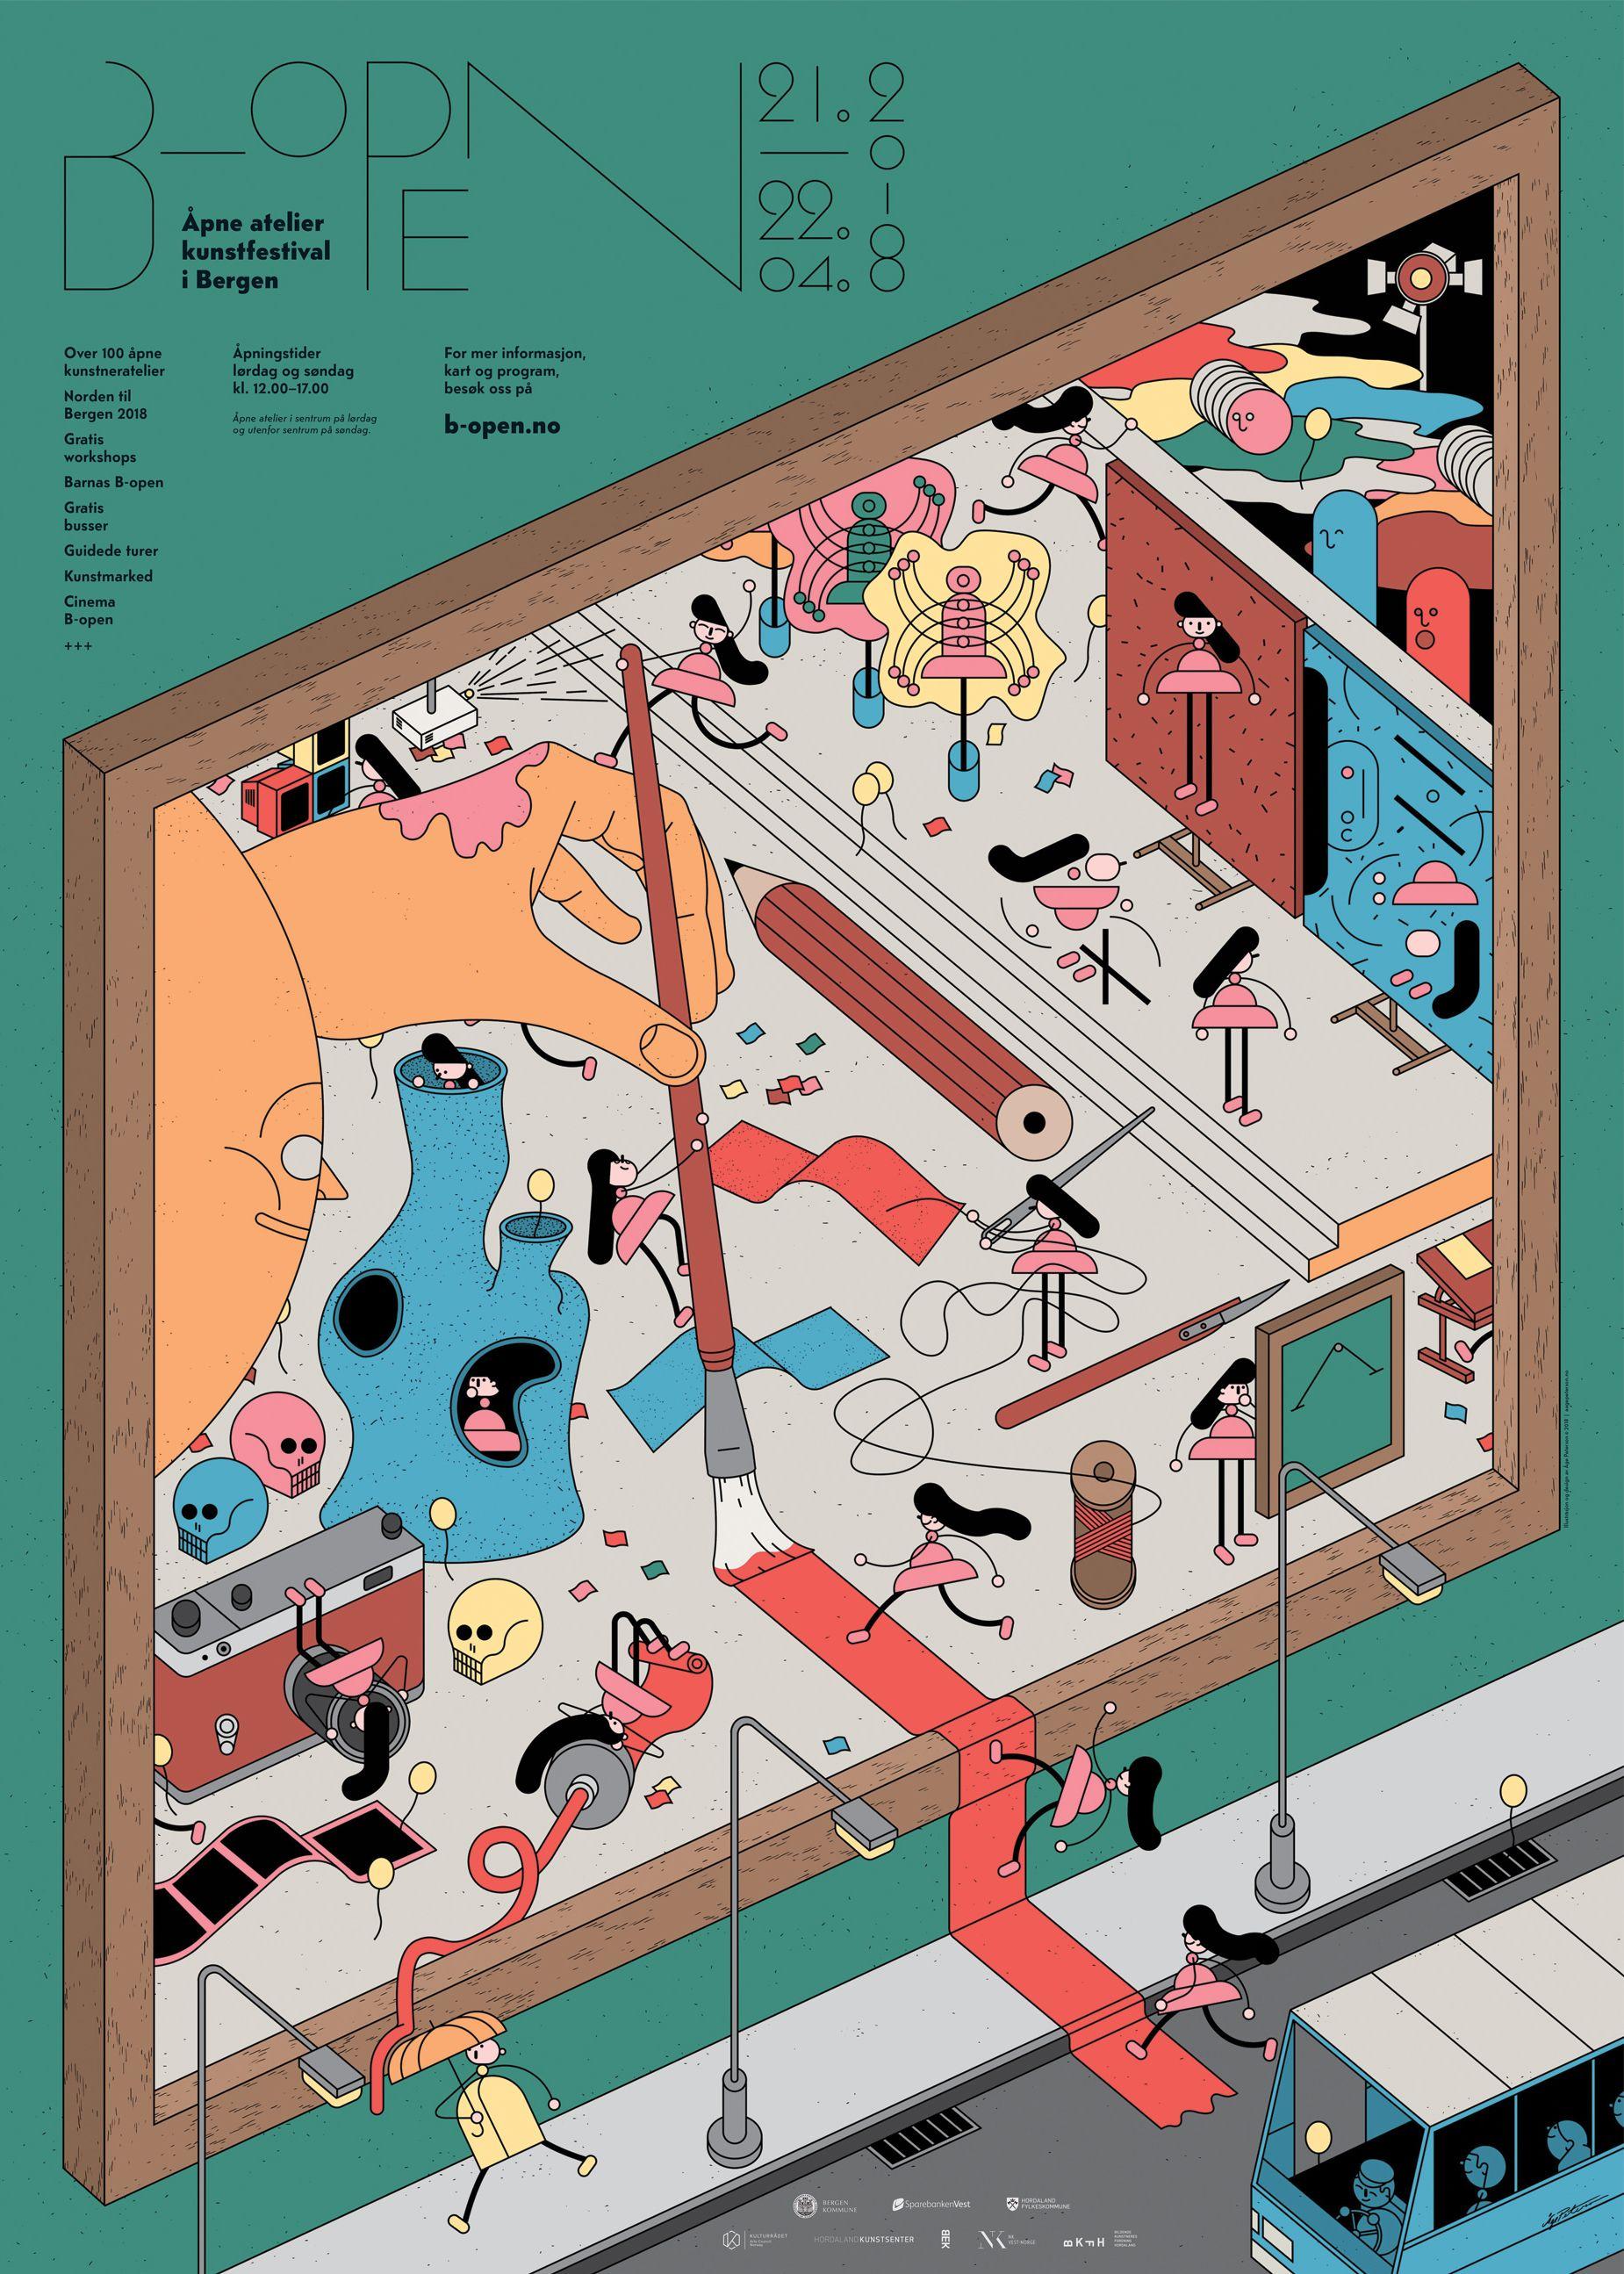 Pin By Peter Lundmark On Illustration Open Art Art Festival Art